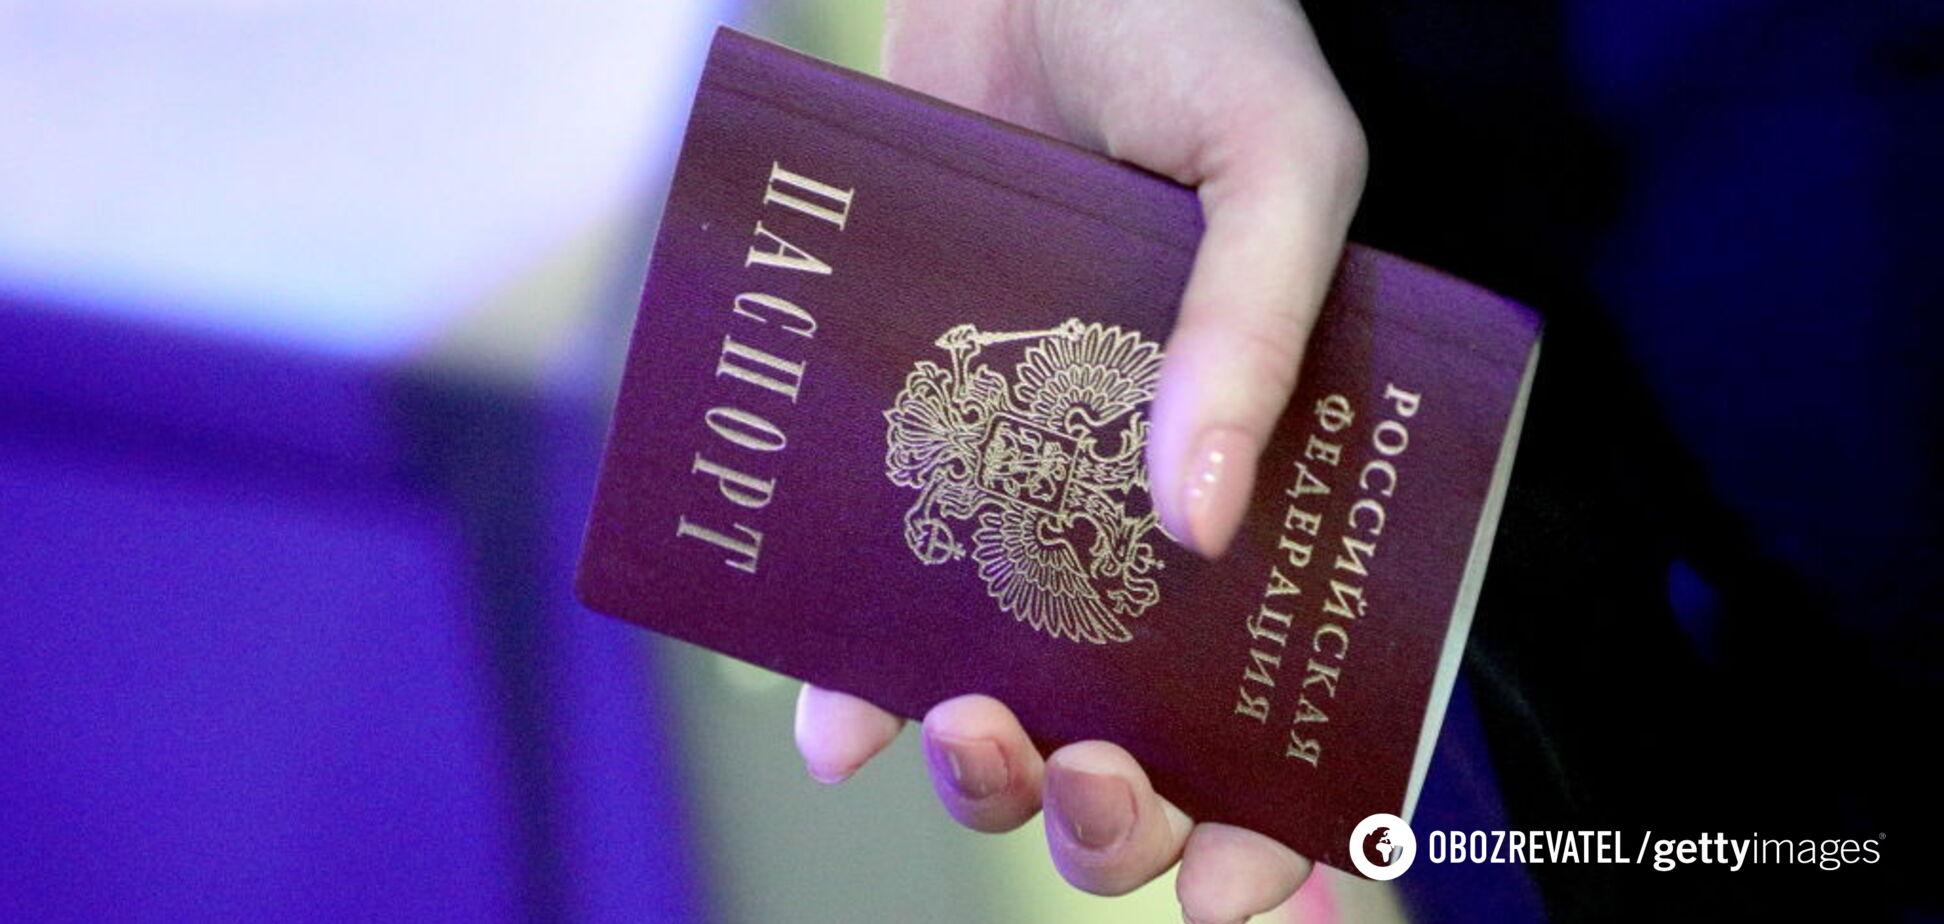 Получат не все? Вскрылась правда о раздаче паспортов России для 'Л/ДНР'